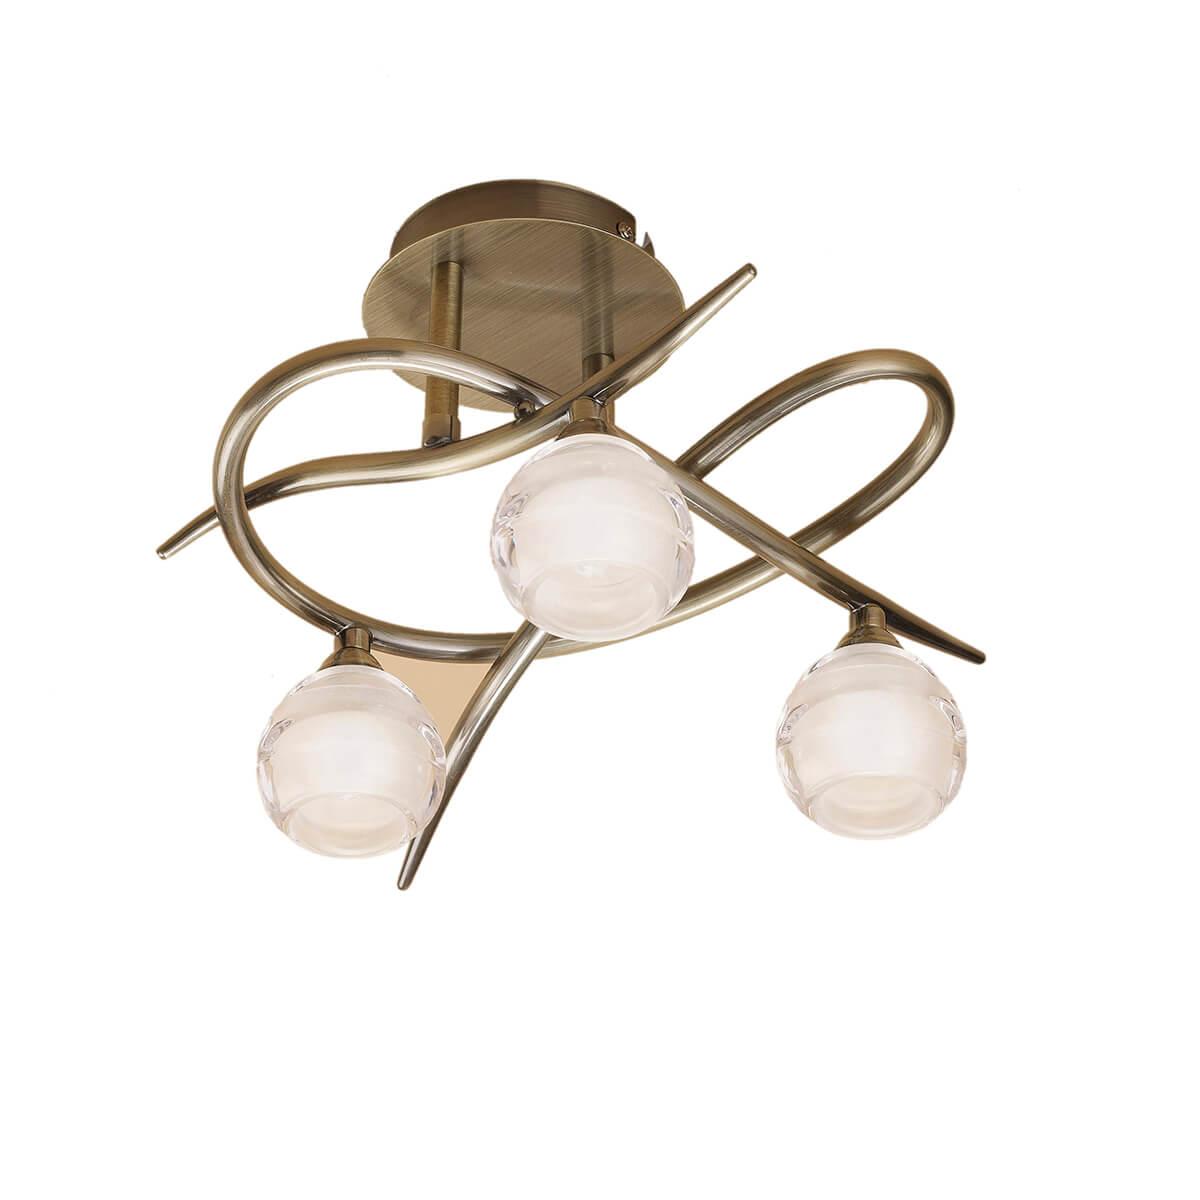 Потолочная люстра Mantra Loop Antique Brass 1824 цена